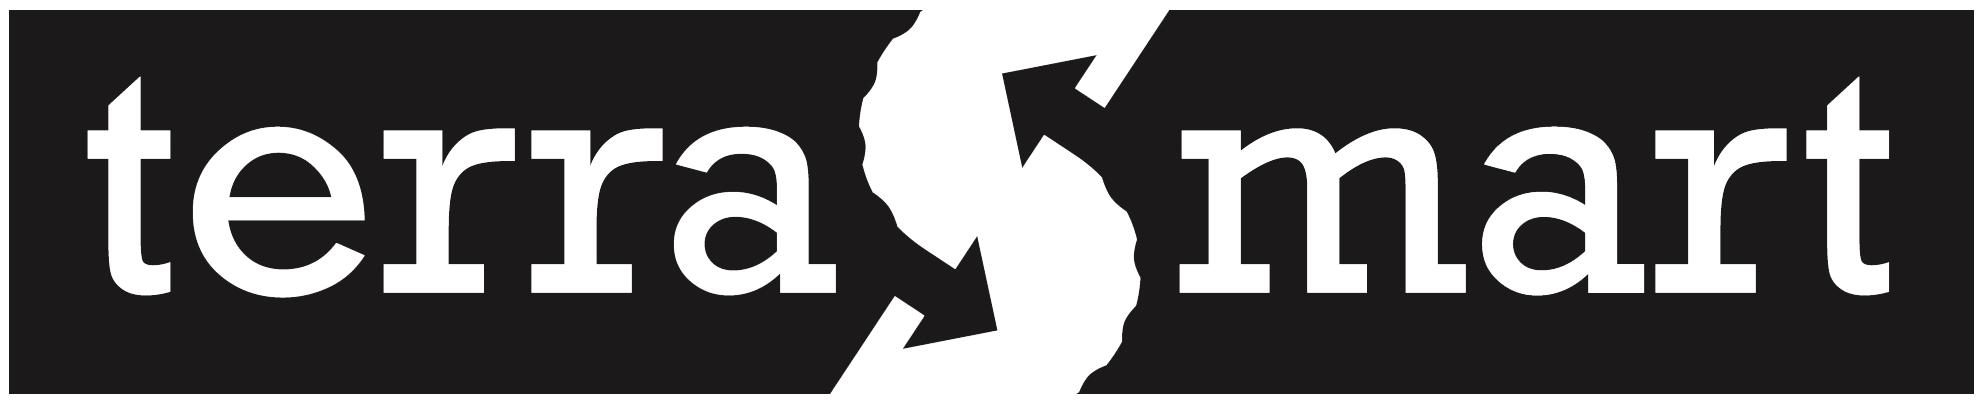 Terrasmart e.U. Reifendruckregelanlagen | TerraSmart e.U. aus Gaspoltshofen vertreibt Reifendruckregler für Schlepper und Anhänger, Zusatzkompressoren, die digitale Steuerung und Zubehör für Betrieb, Montage und Wartung.